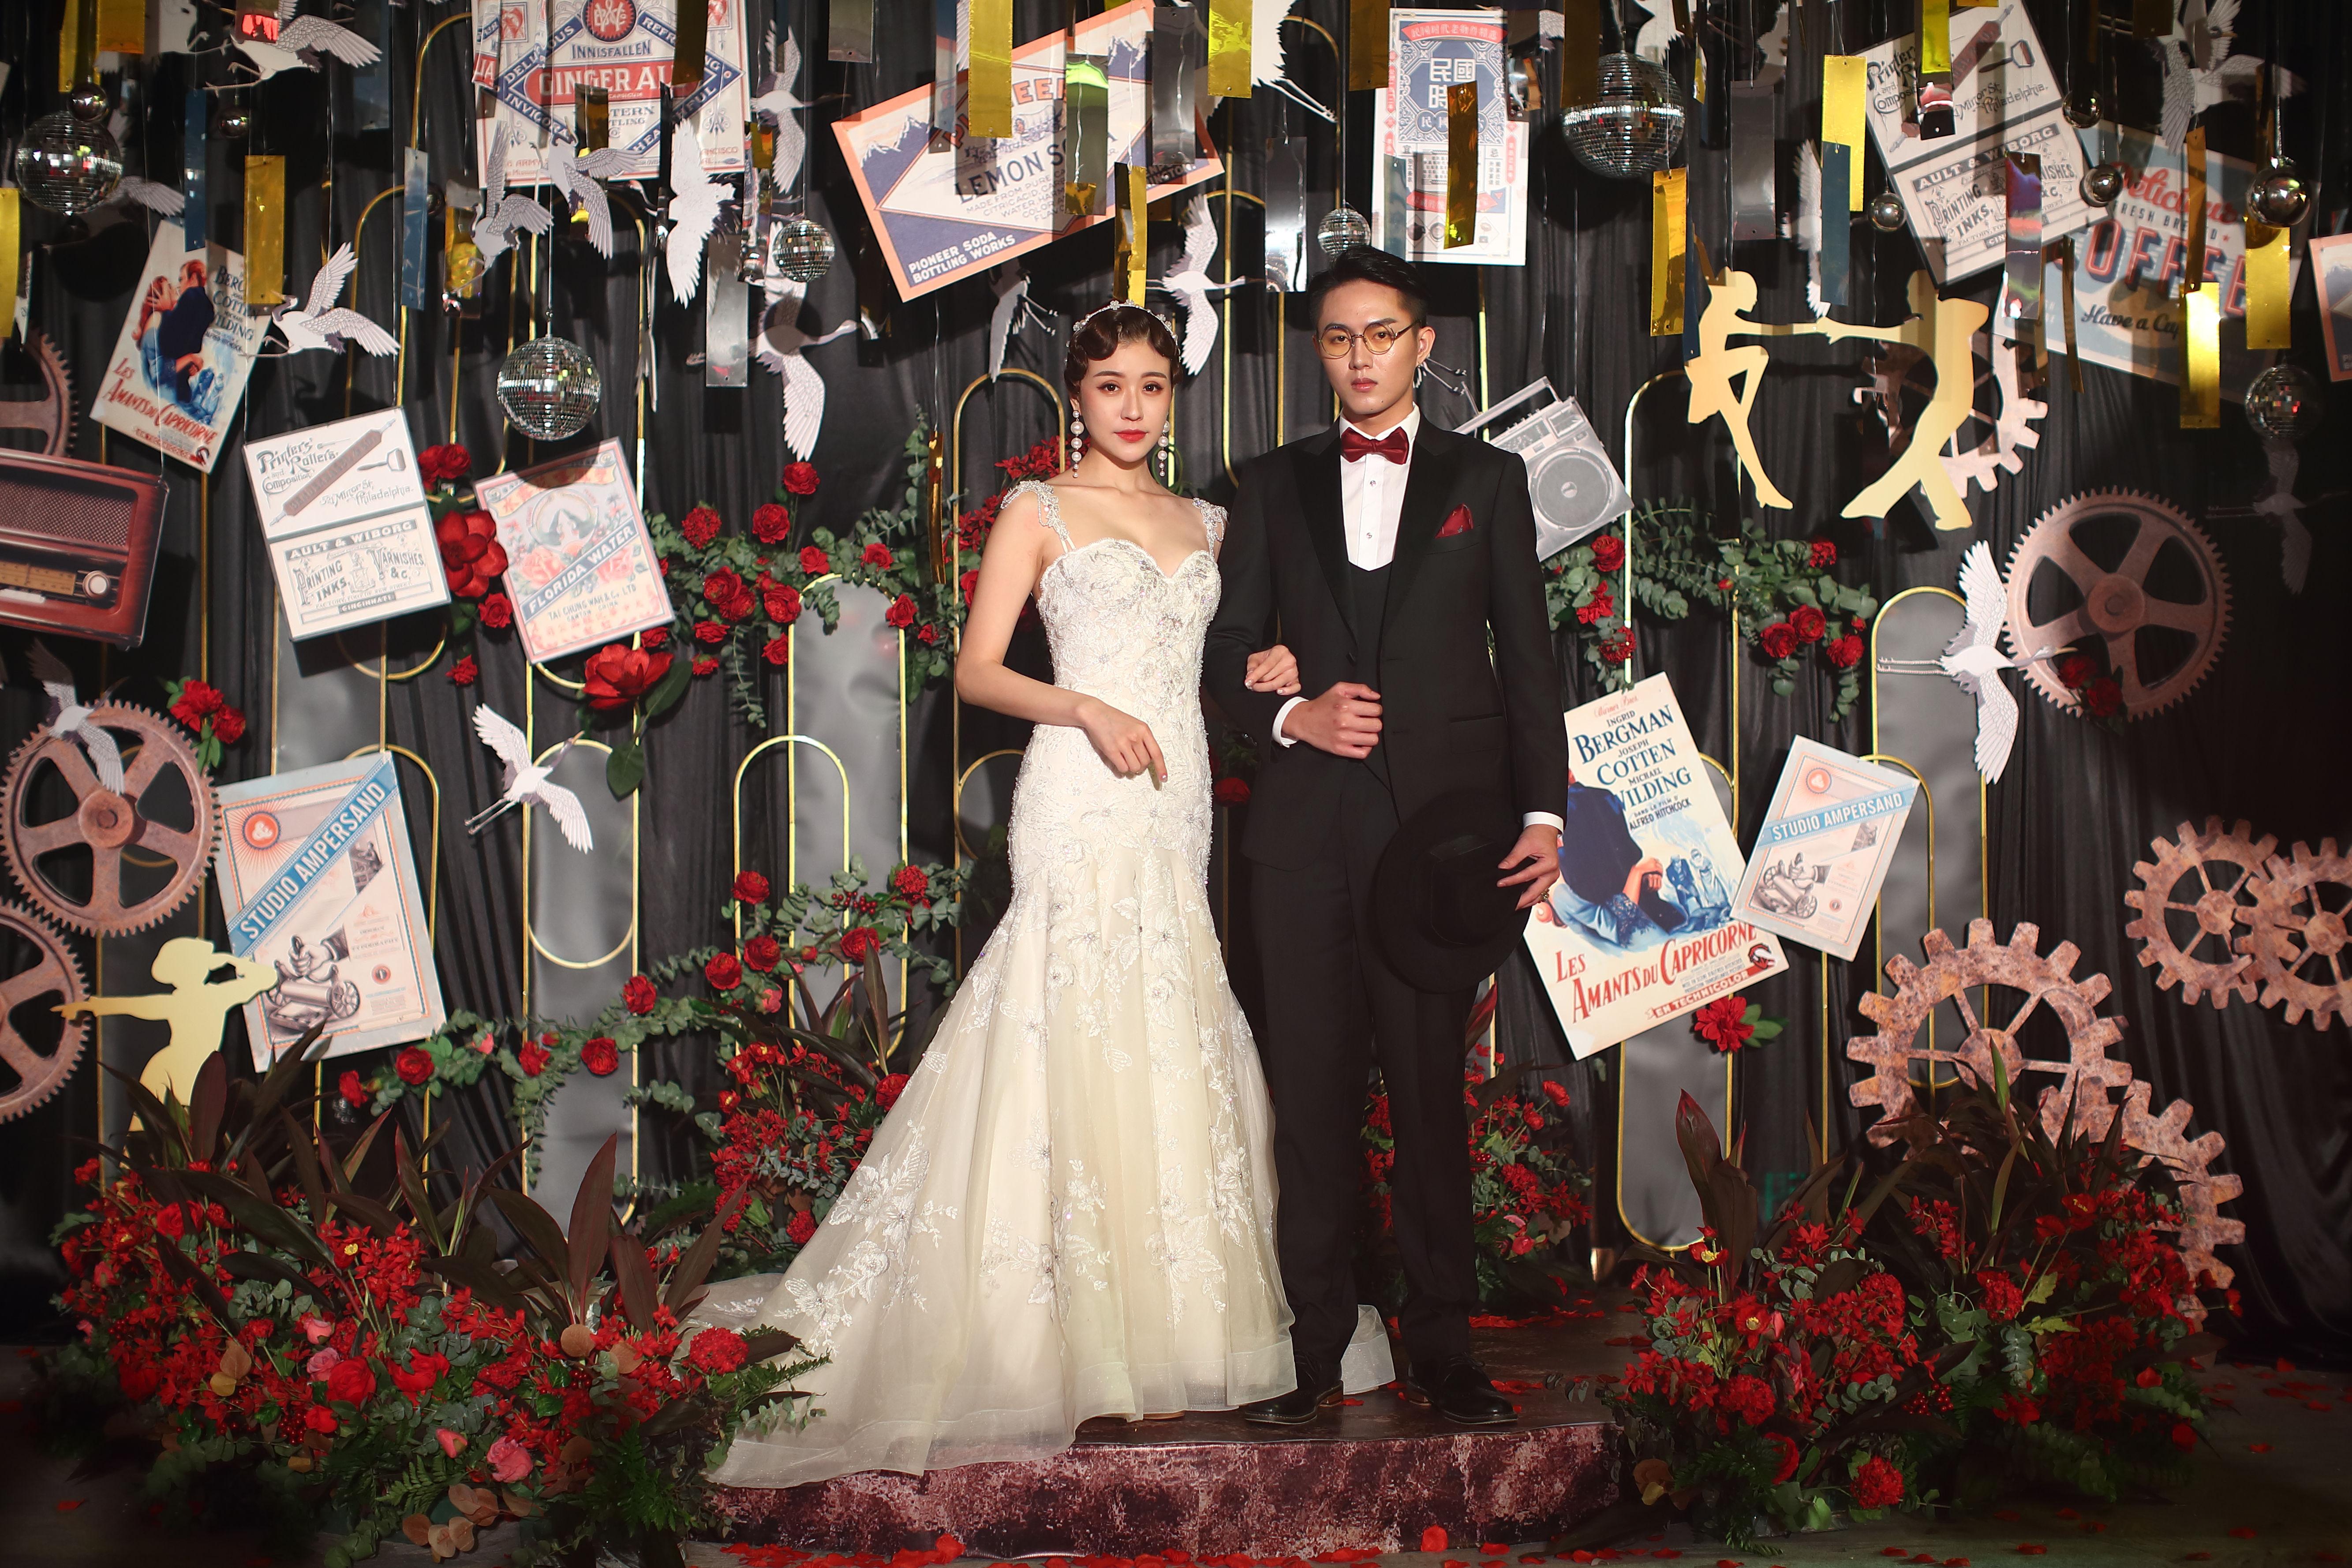 珠海粤财皇冠假日酒店:「又见不夜城」2019夏季婚礼发布会